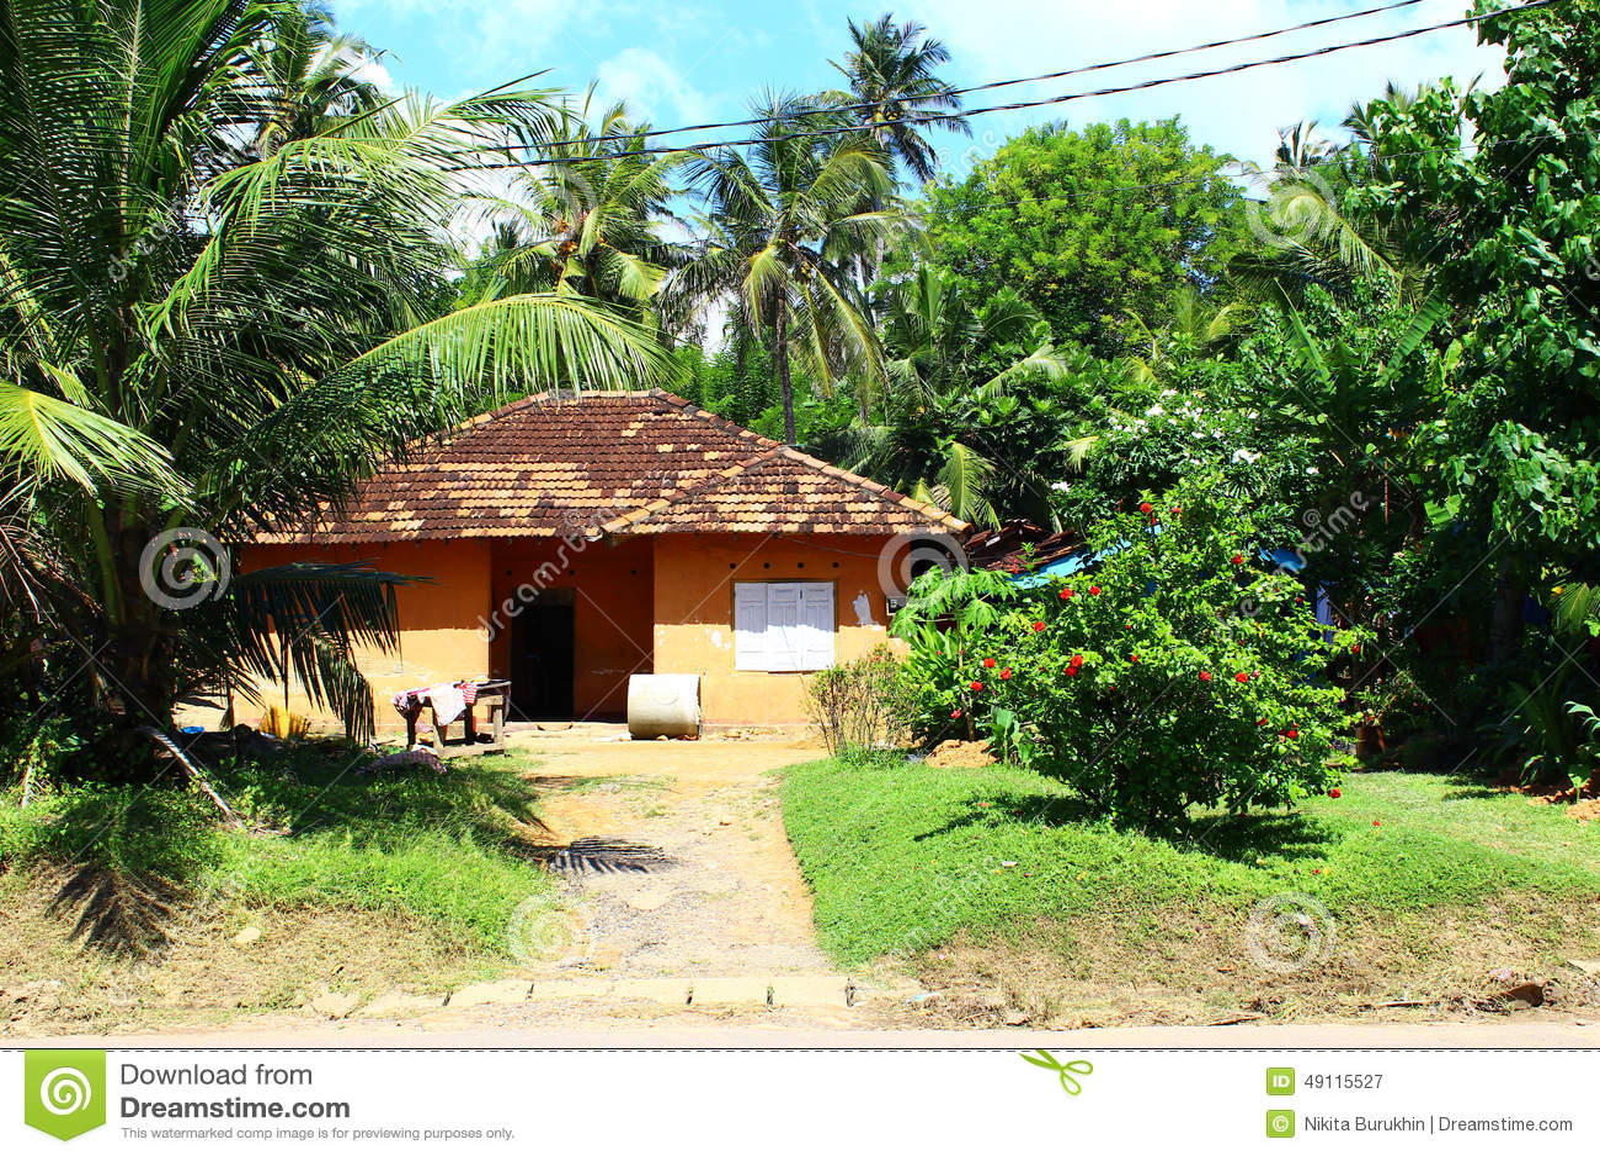 Residential house with garden sri lanka stock photo for House garden design sri lanka